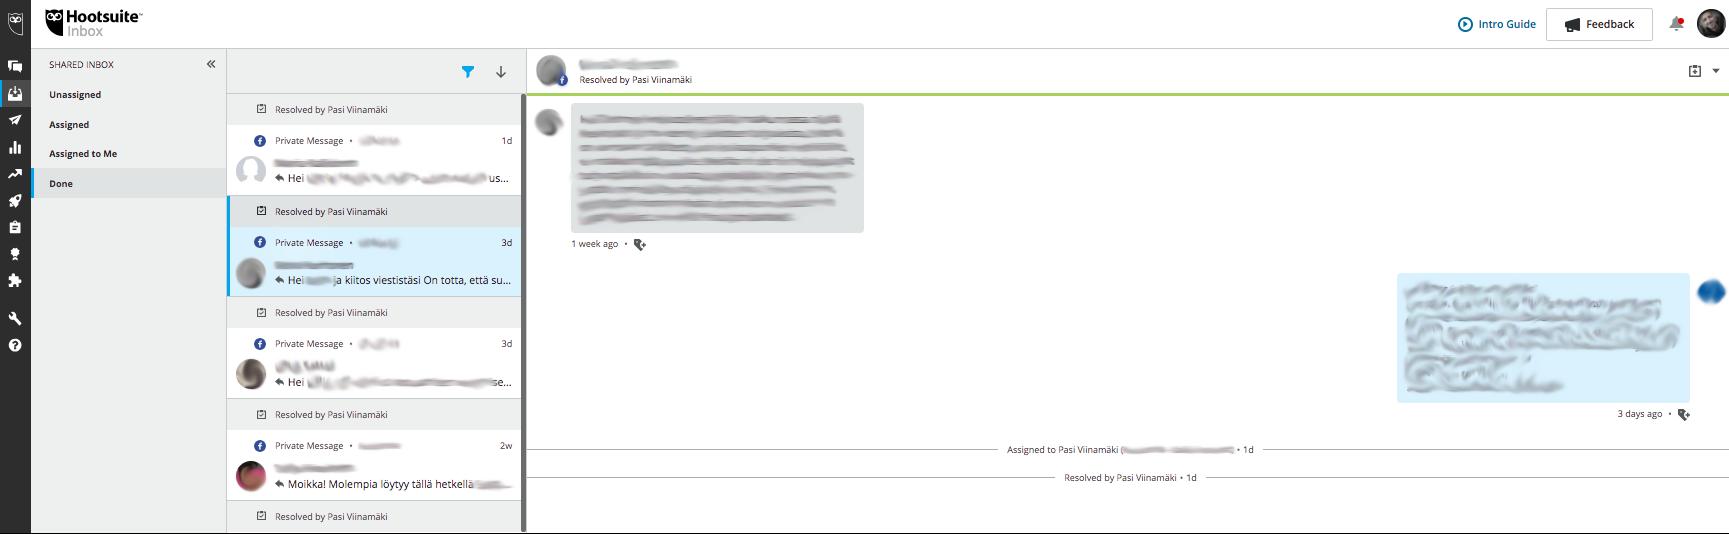 Hootsuite Inbox